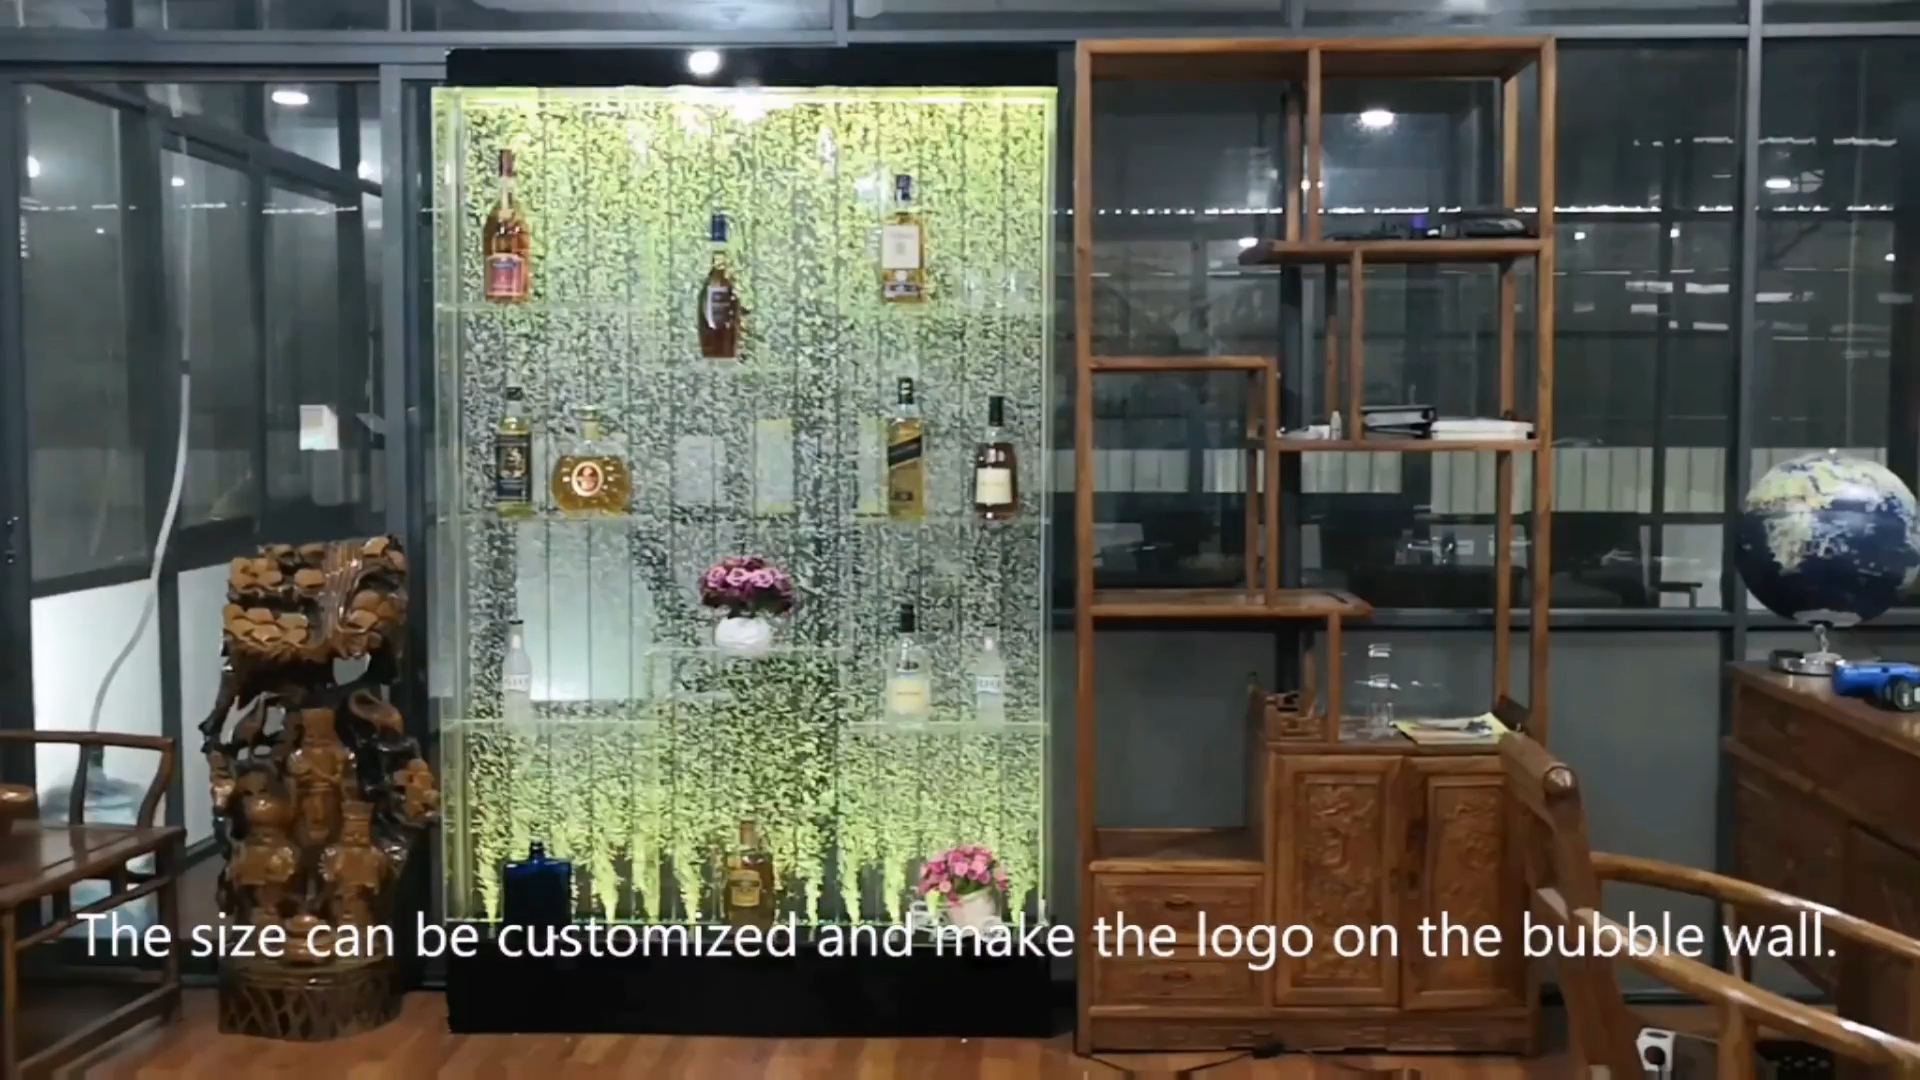 दुबई लक्जरी पानी के बुलबुले की दीवार फव्वारा कमरे डिवाइडर स्क्रीन शराब कैबिनेट बार फर्नीचर का नेतृत्व किया